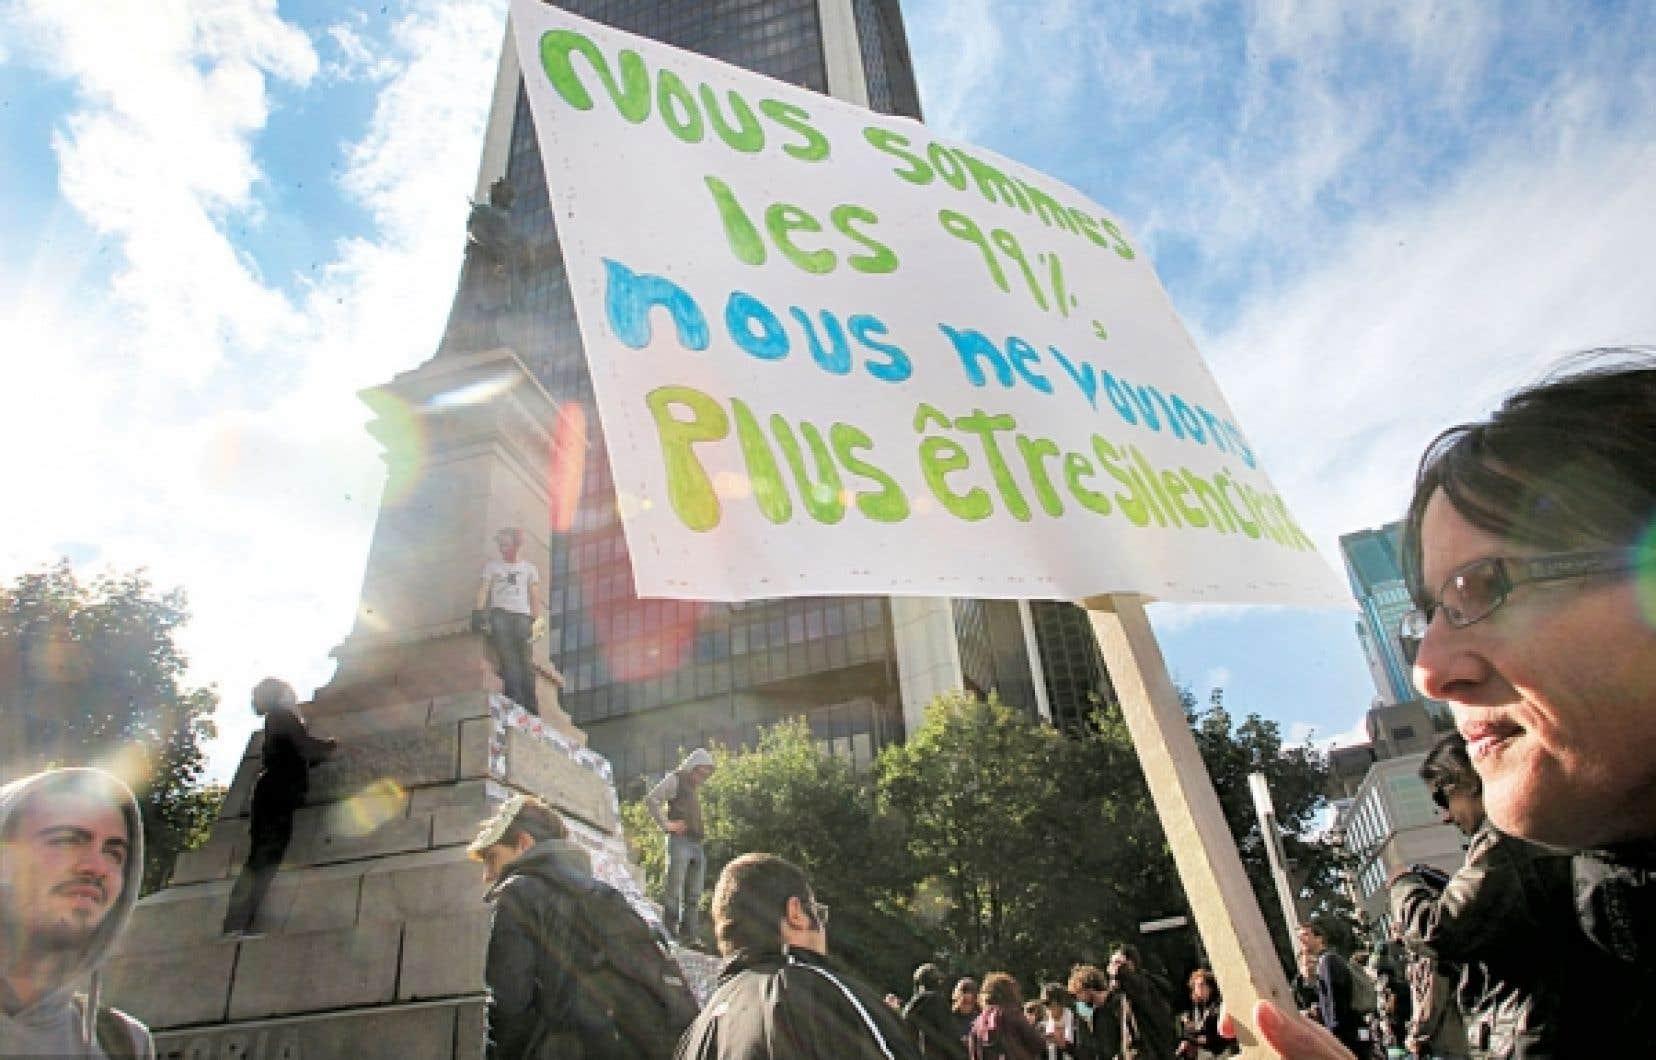 <div> Les inégalités entre riches et pauvres ne cessent de croître dans la plupart des pays développés. Mais au Québec, l'État assure une meilleure répartition.</div>